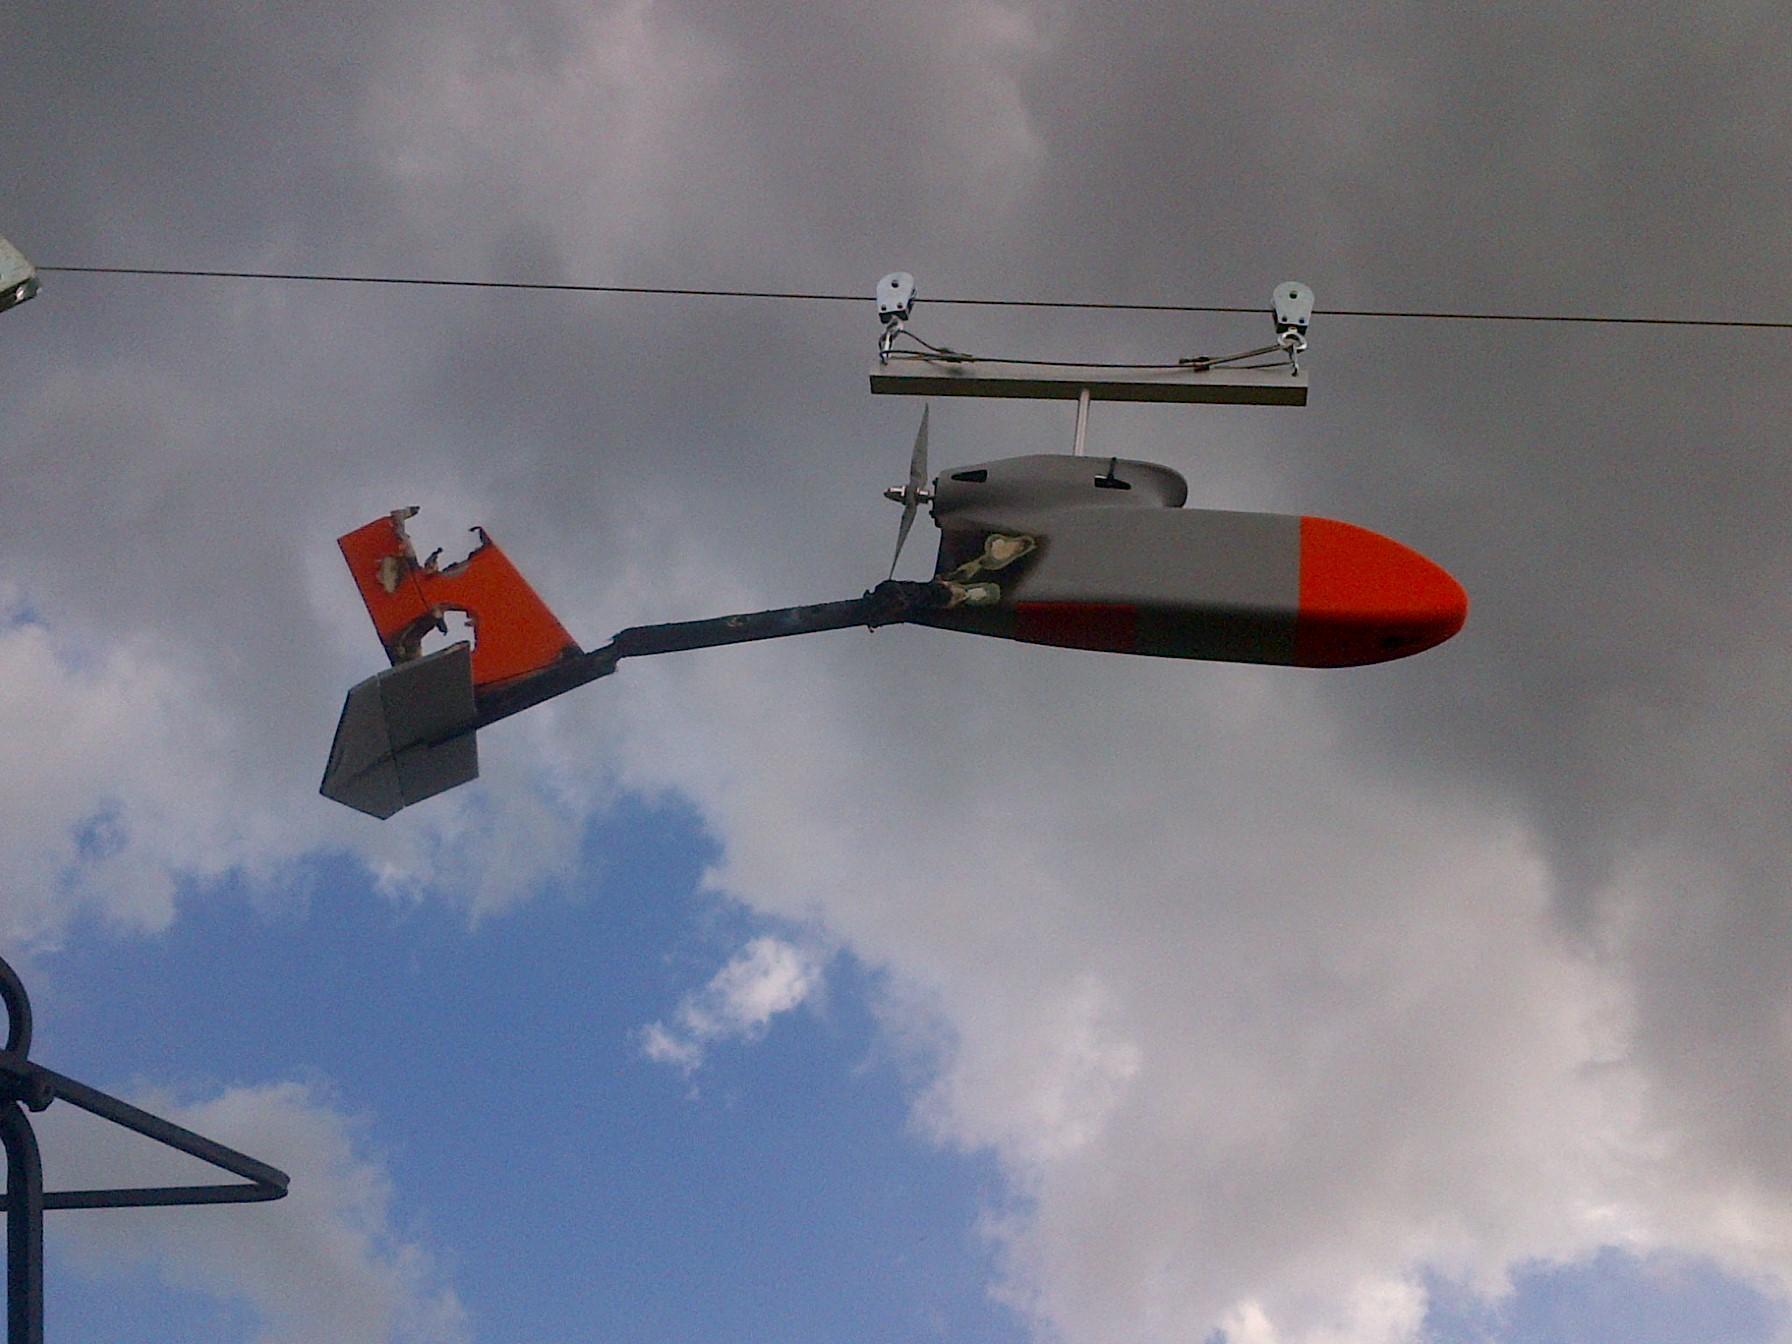 Teathered UAV